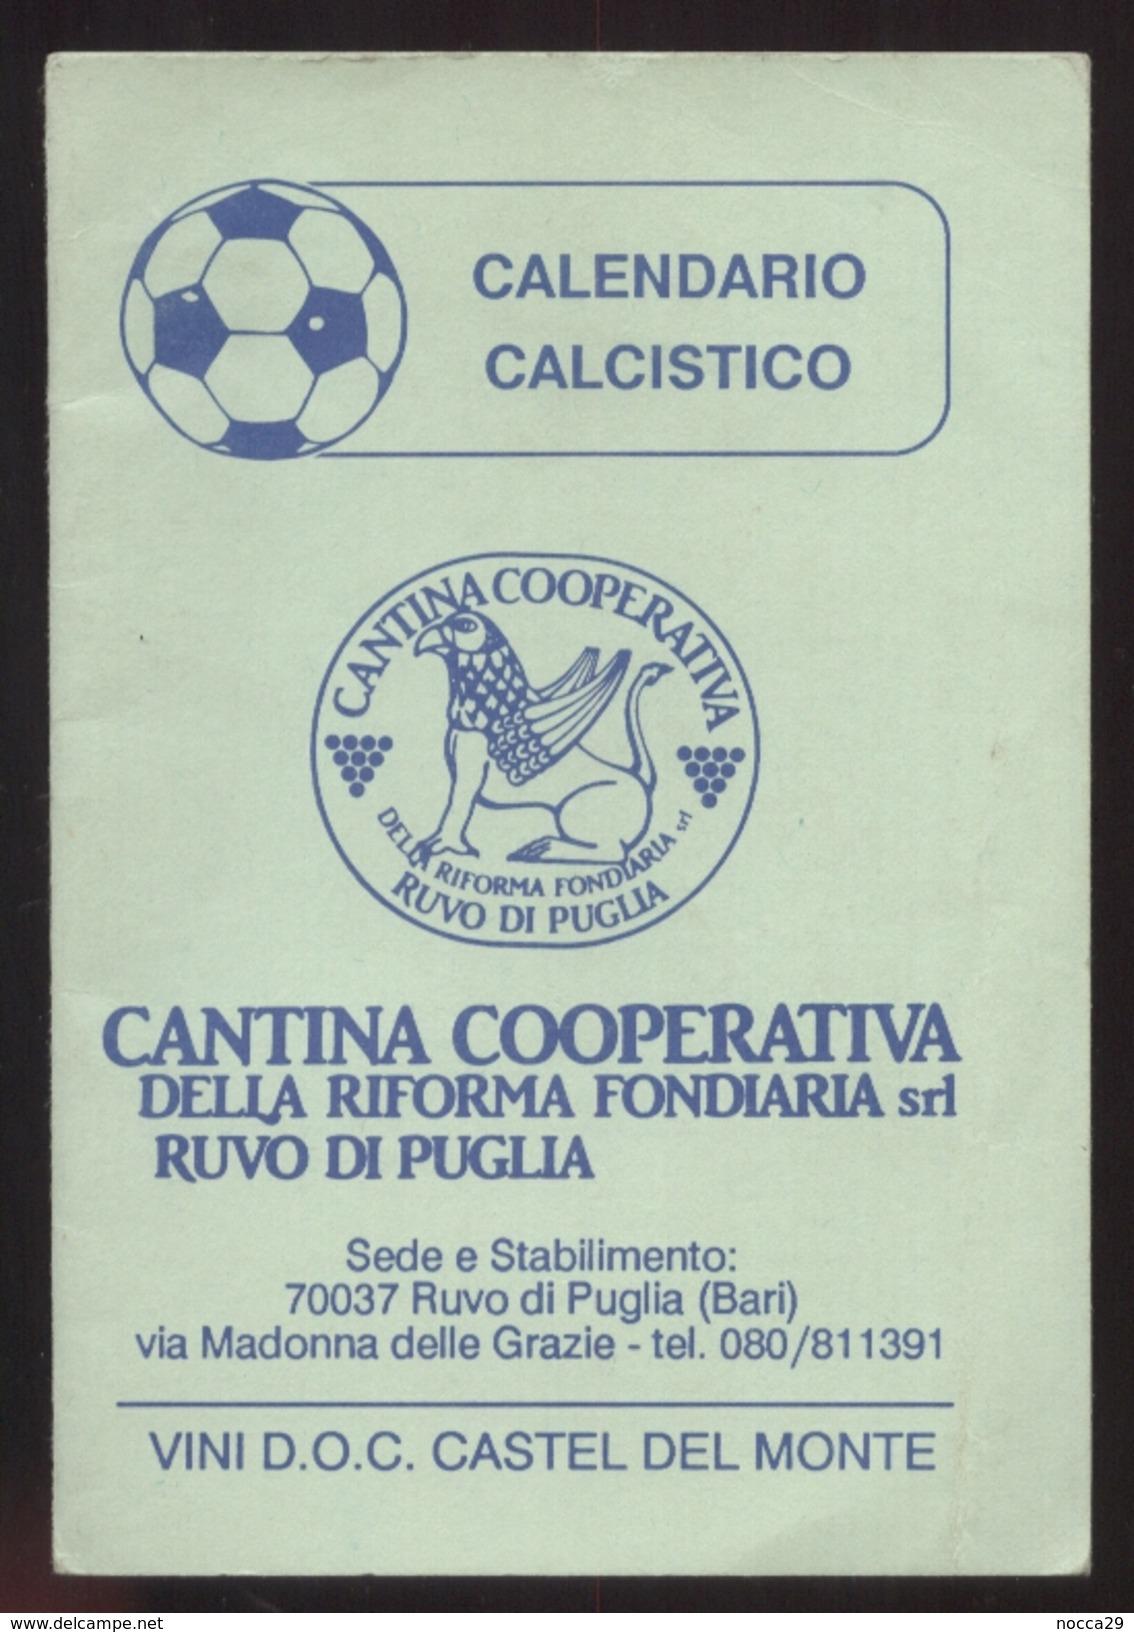 CALENDARIO CALCISTICO 1990-91 DA SERIE A FINO ALLA C2 - 24 PAGINE INTERNE( Cm12,3 X 8,5) PUBBLICITA VINI RUVO DI PUGLIA - Calendari